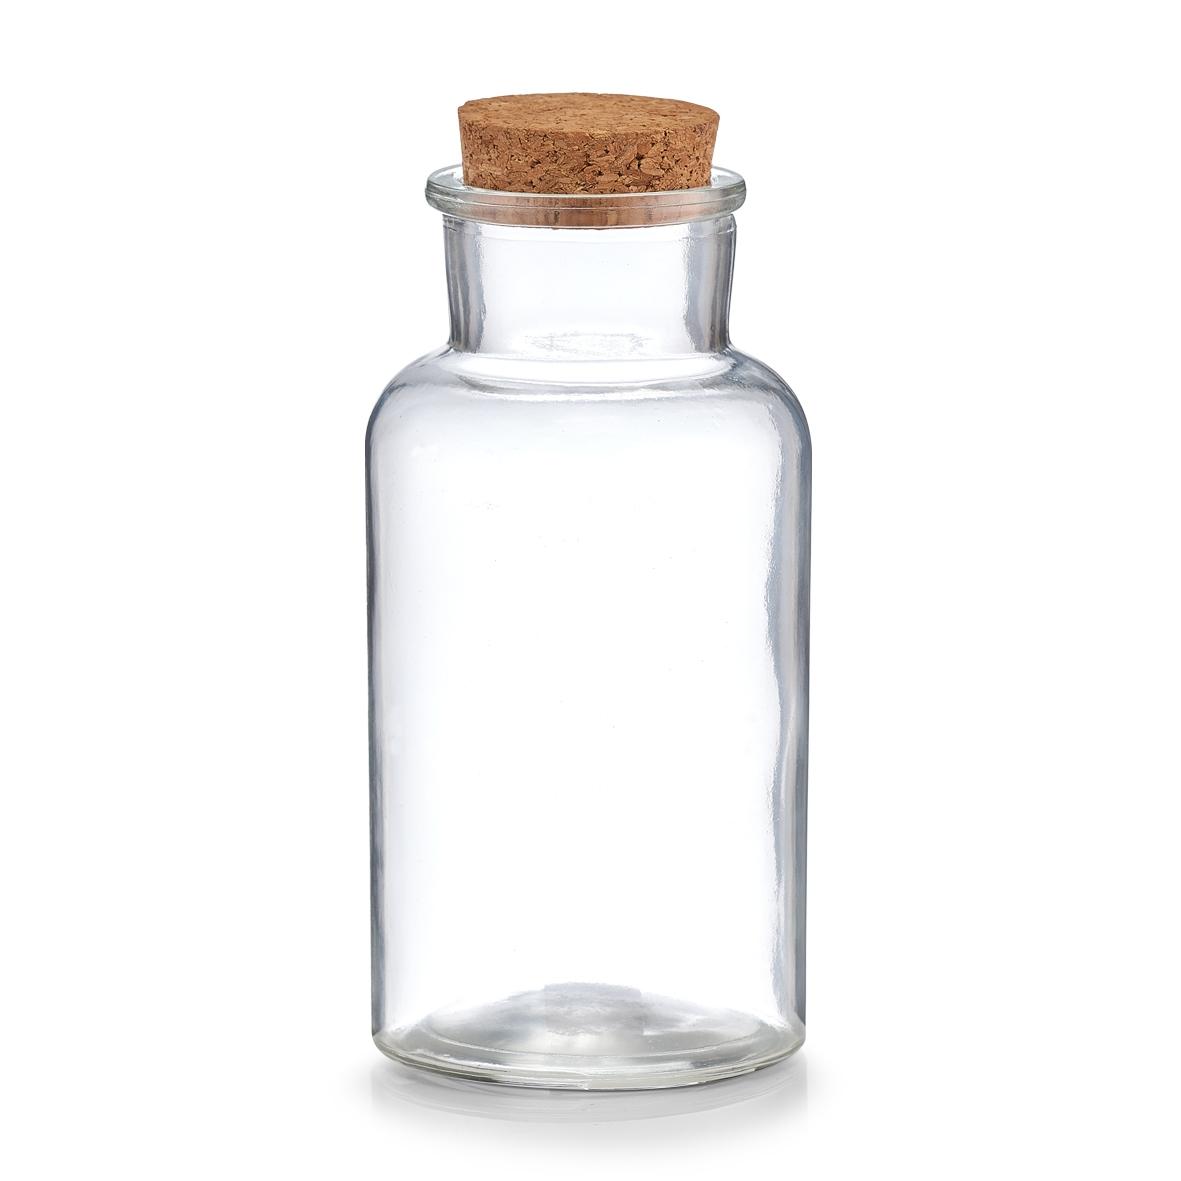 Borcan pentru depozitare cu capac din pluta, Glass, 500 ml, Ø 8xH17,5 cm imagine